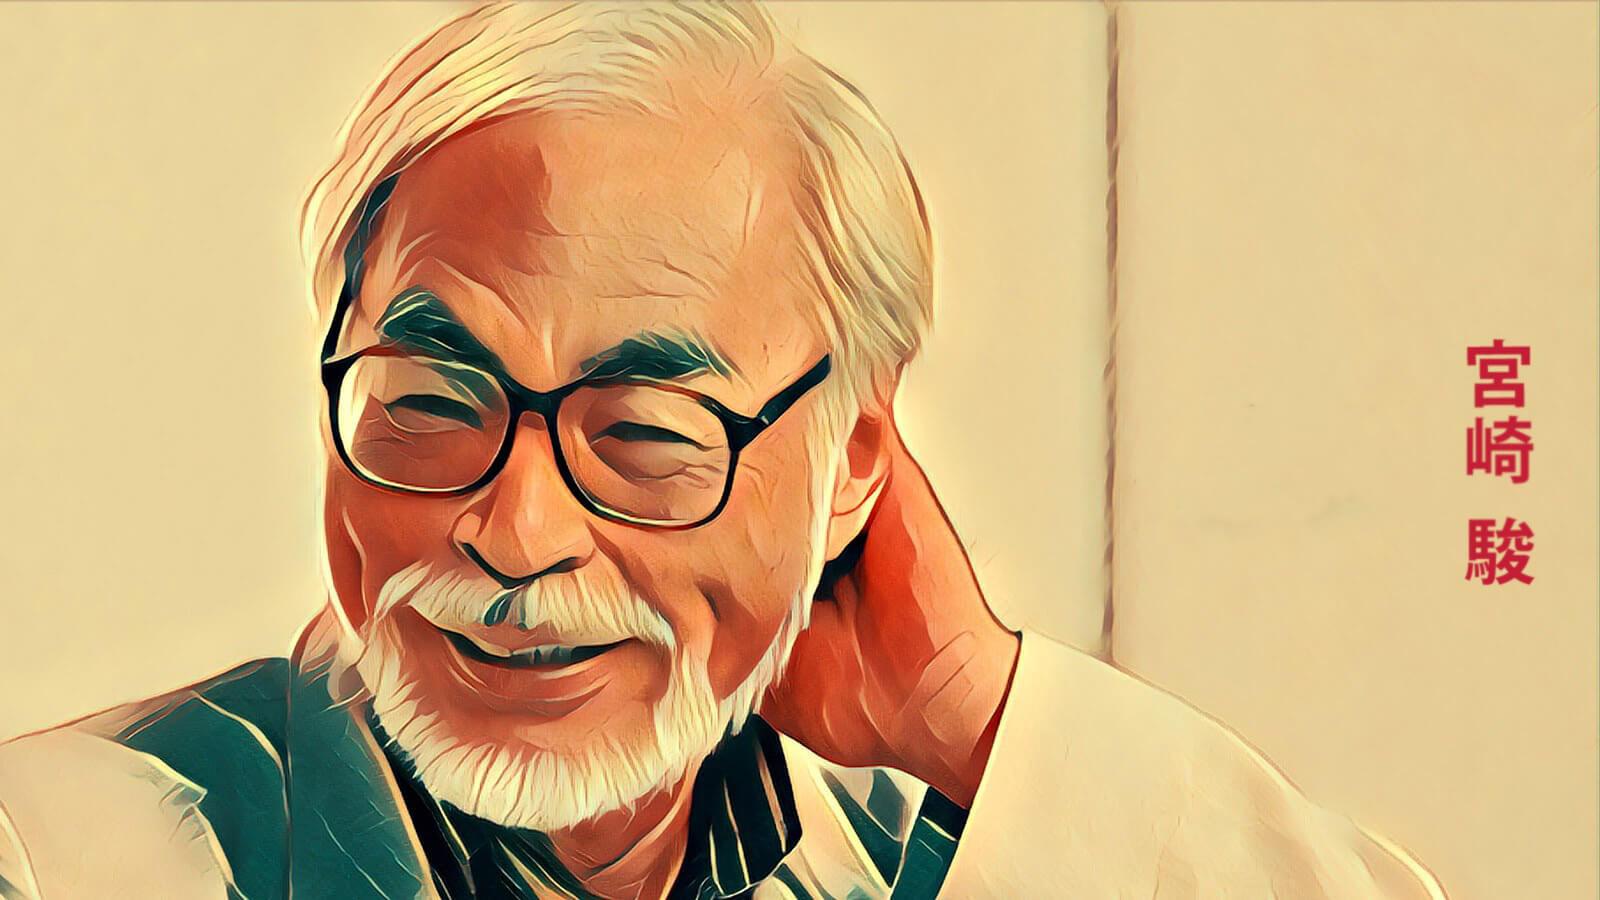 بررسی زندگی و آثار هایائو میازاکی - اسطوره جهان انیمه و انیمیشن